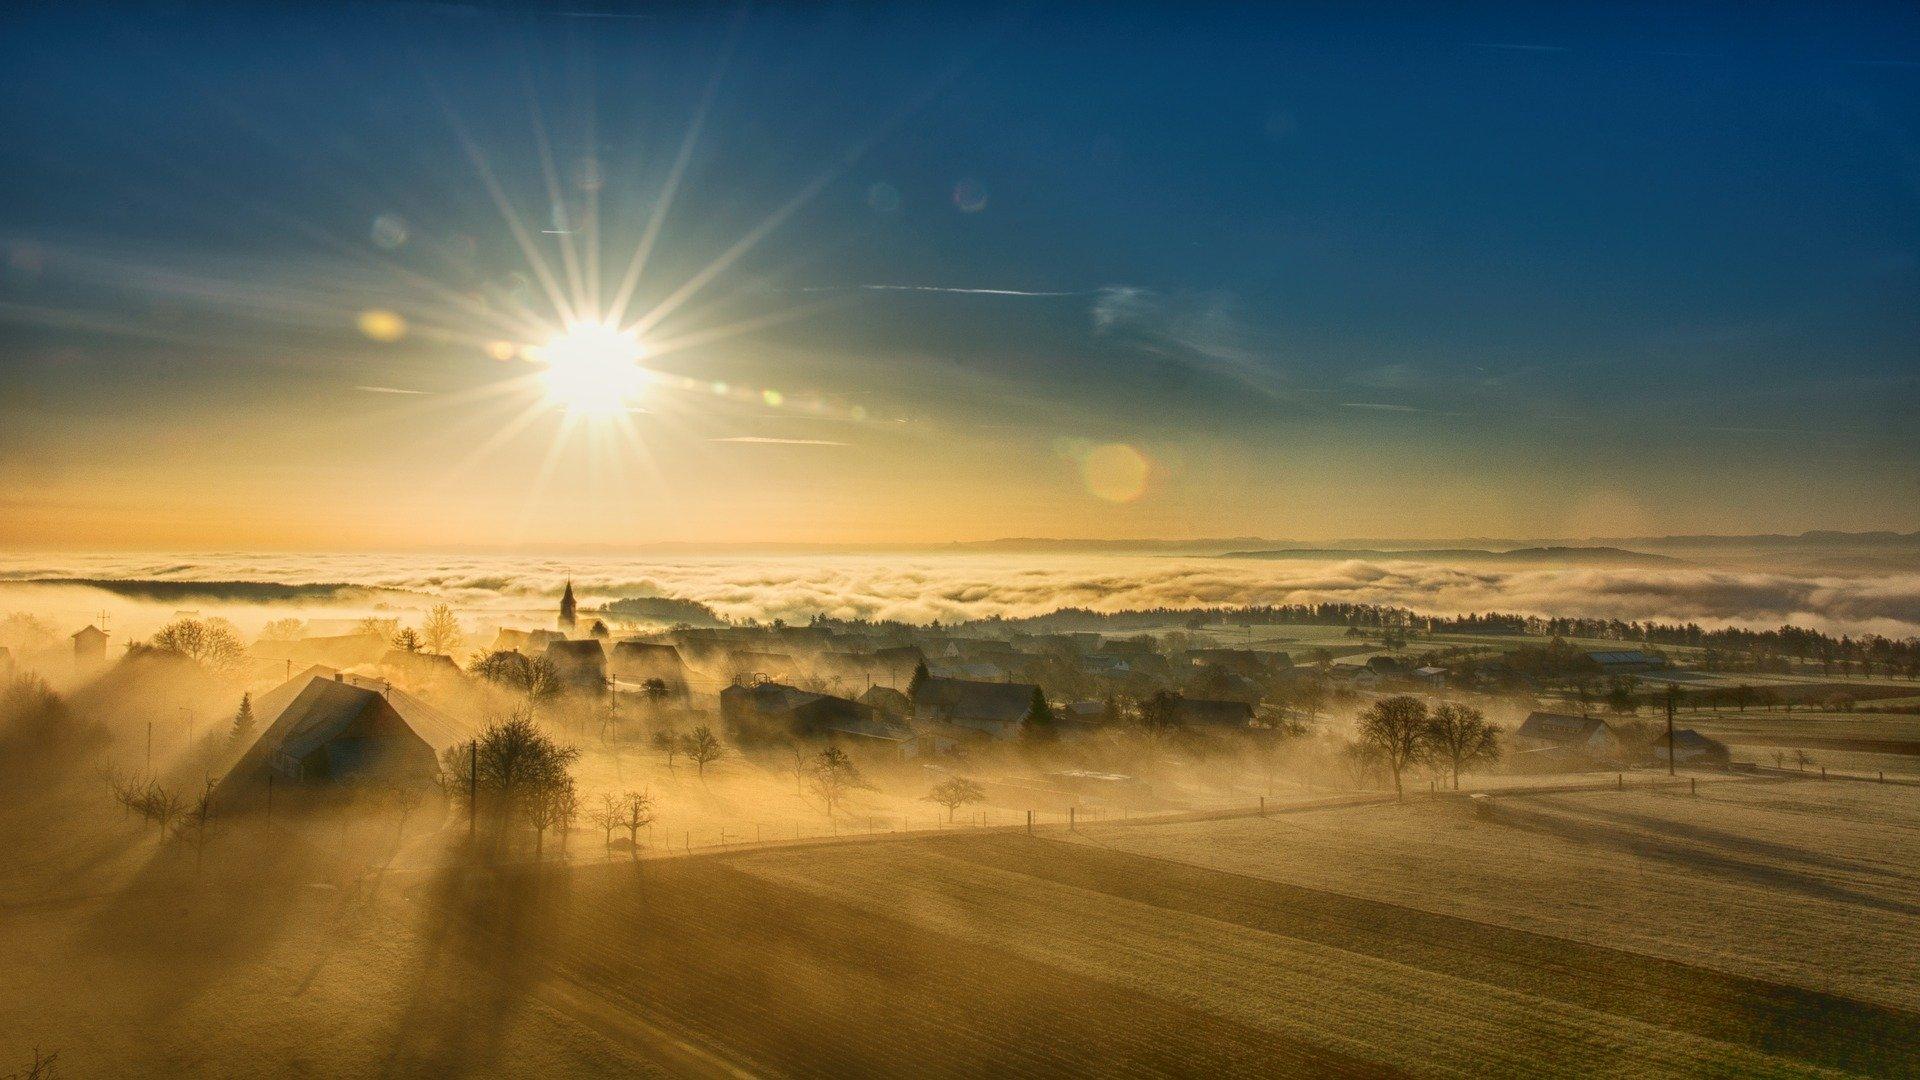 Névoa baixa, sol que racha: origem e significado da expressão